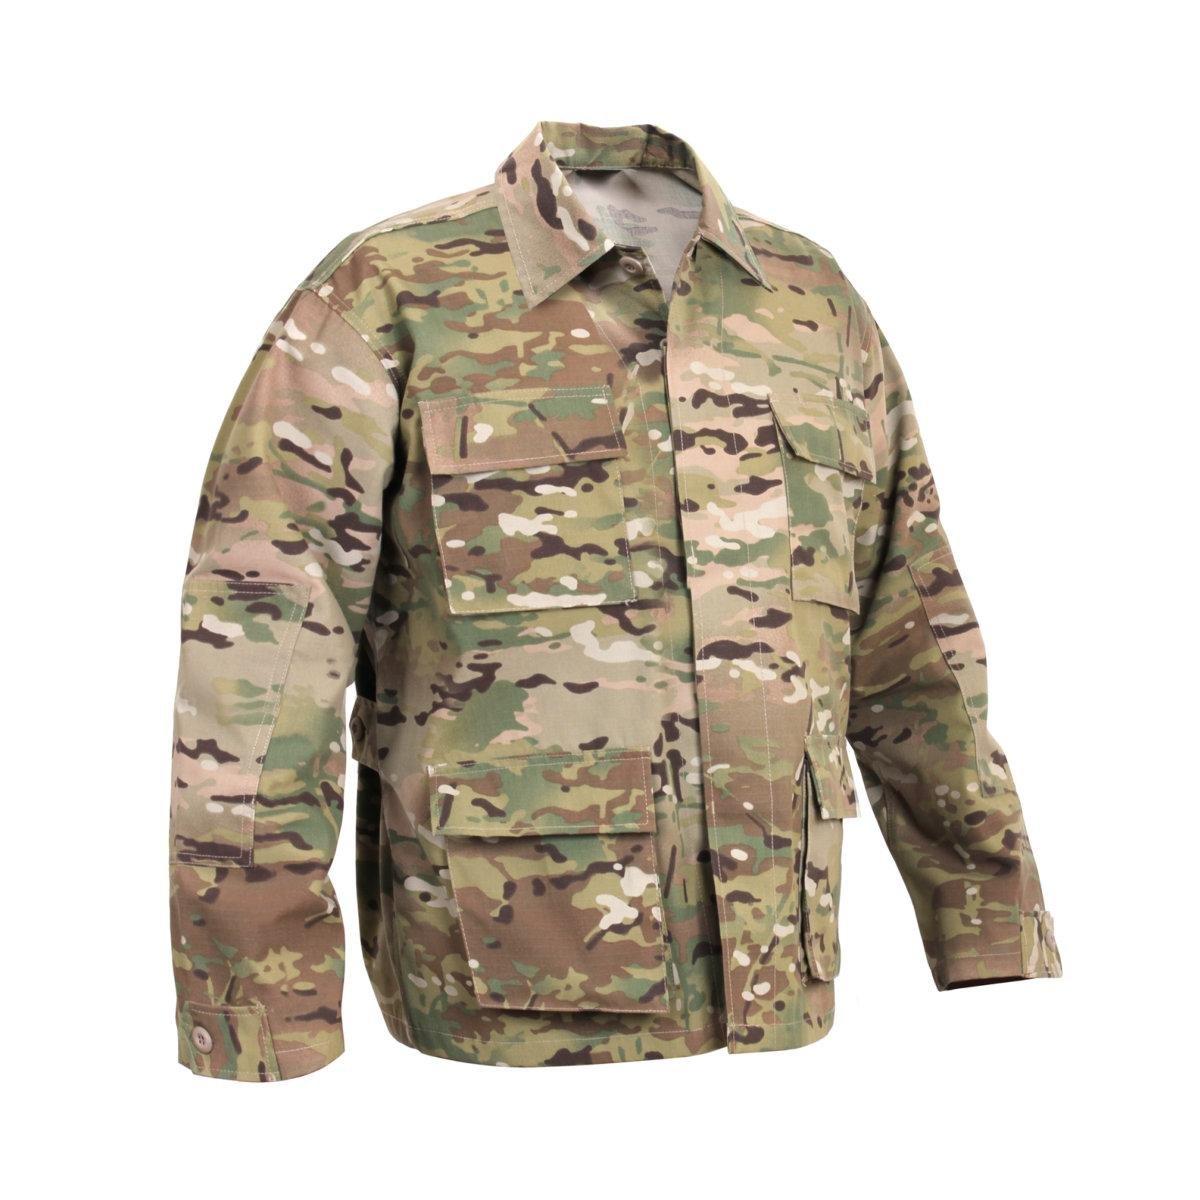 Rothco Camo BDU Shirt, Multicam, XX-Large 15330